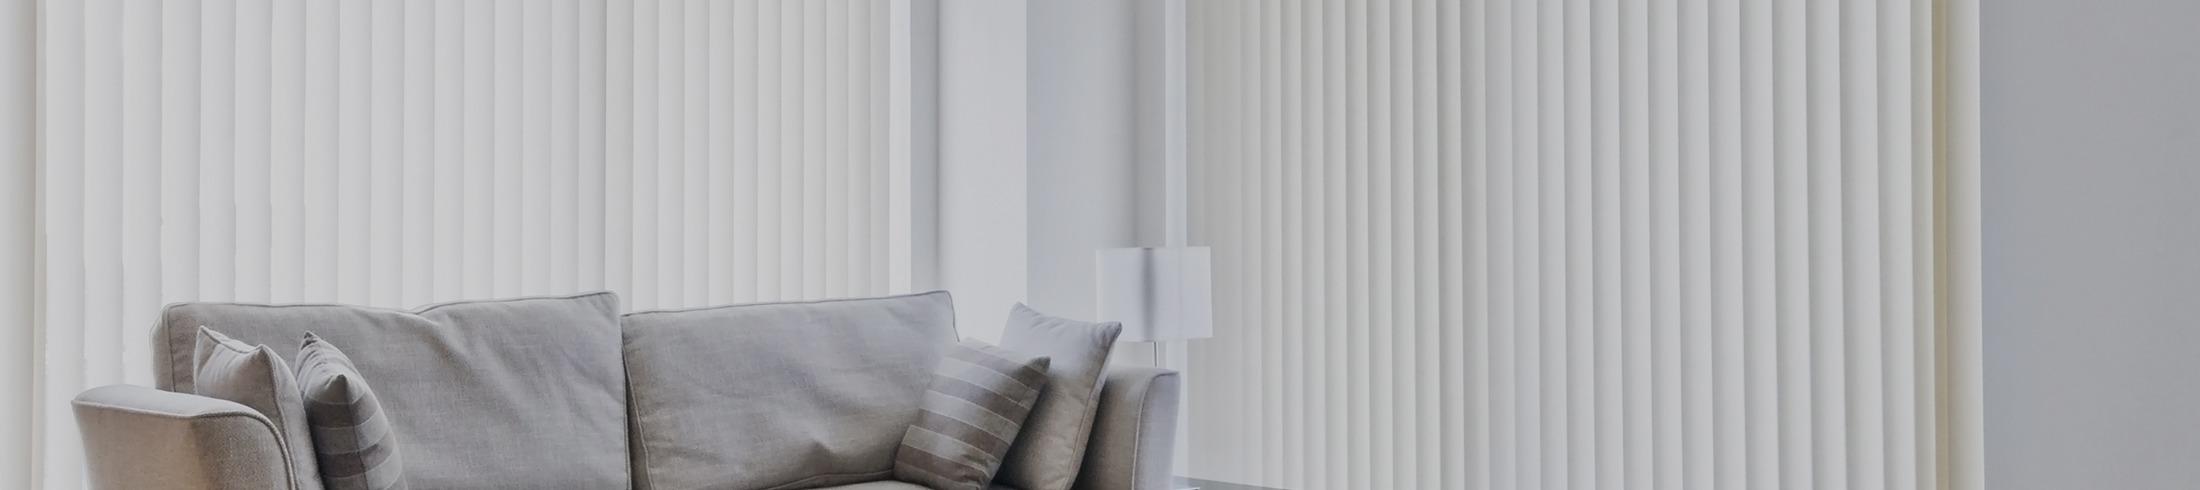 indoor vertical blinds 02